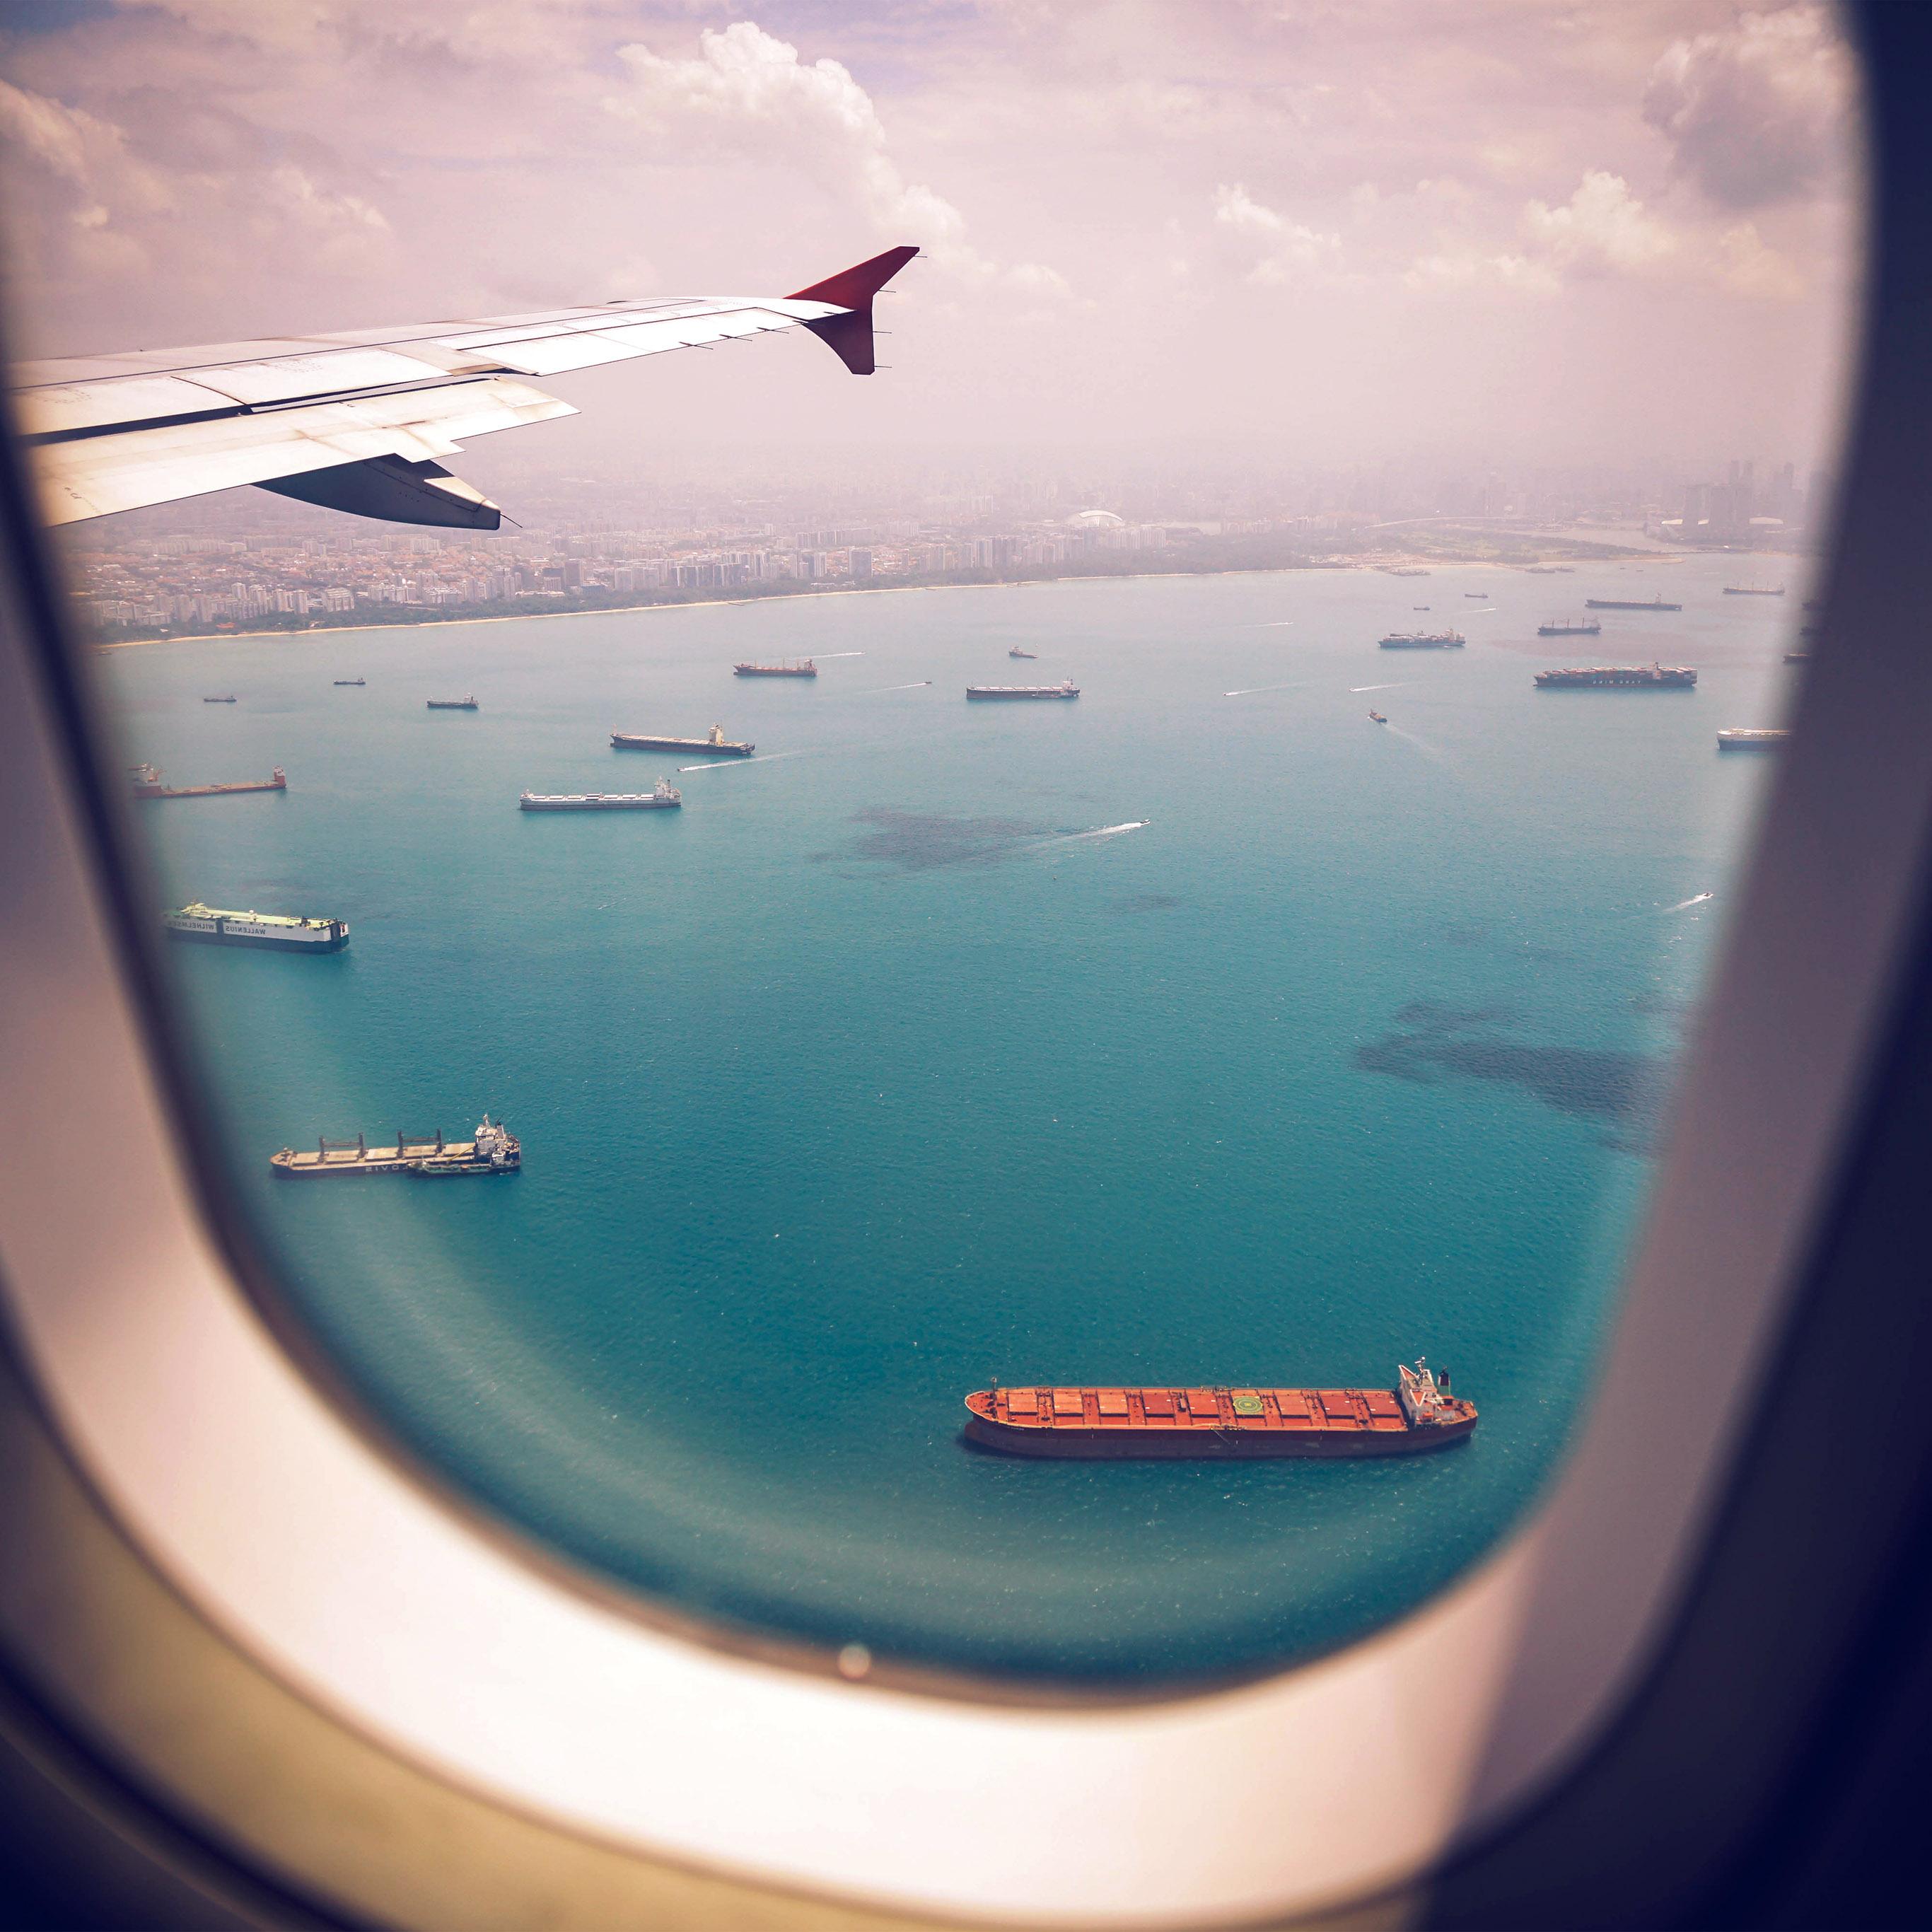 Ocean wallpaper iPhone iDownloadBlog plane